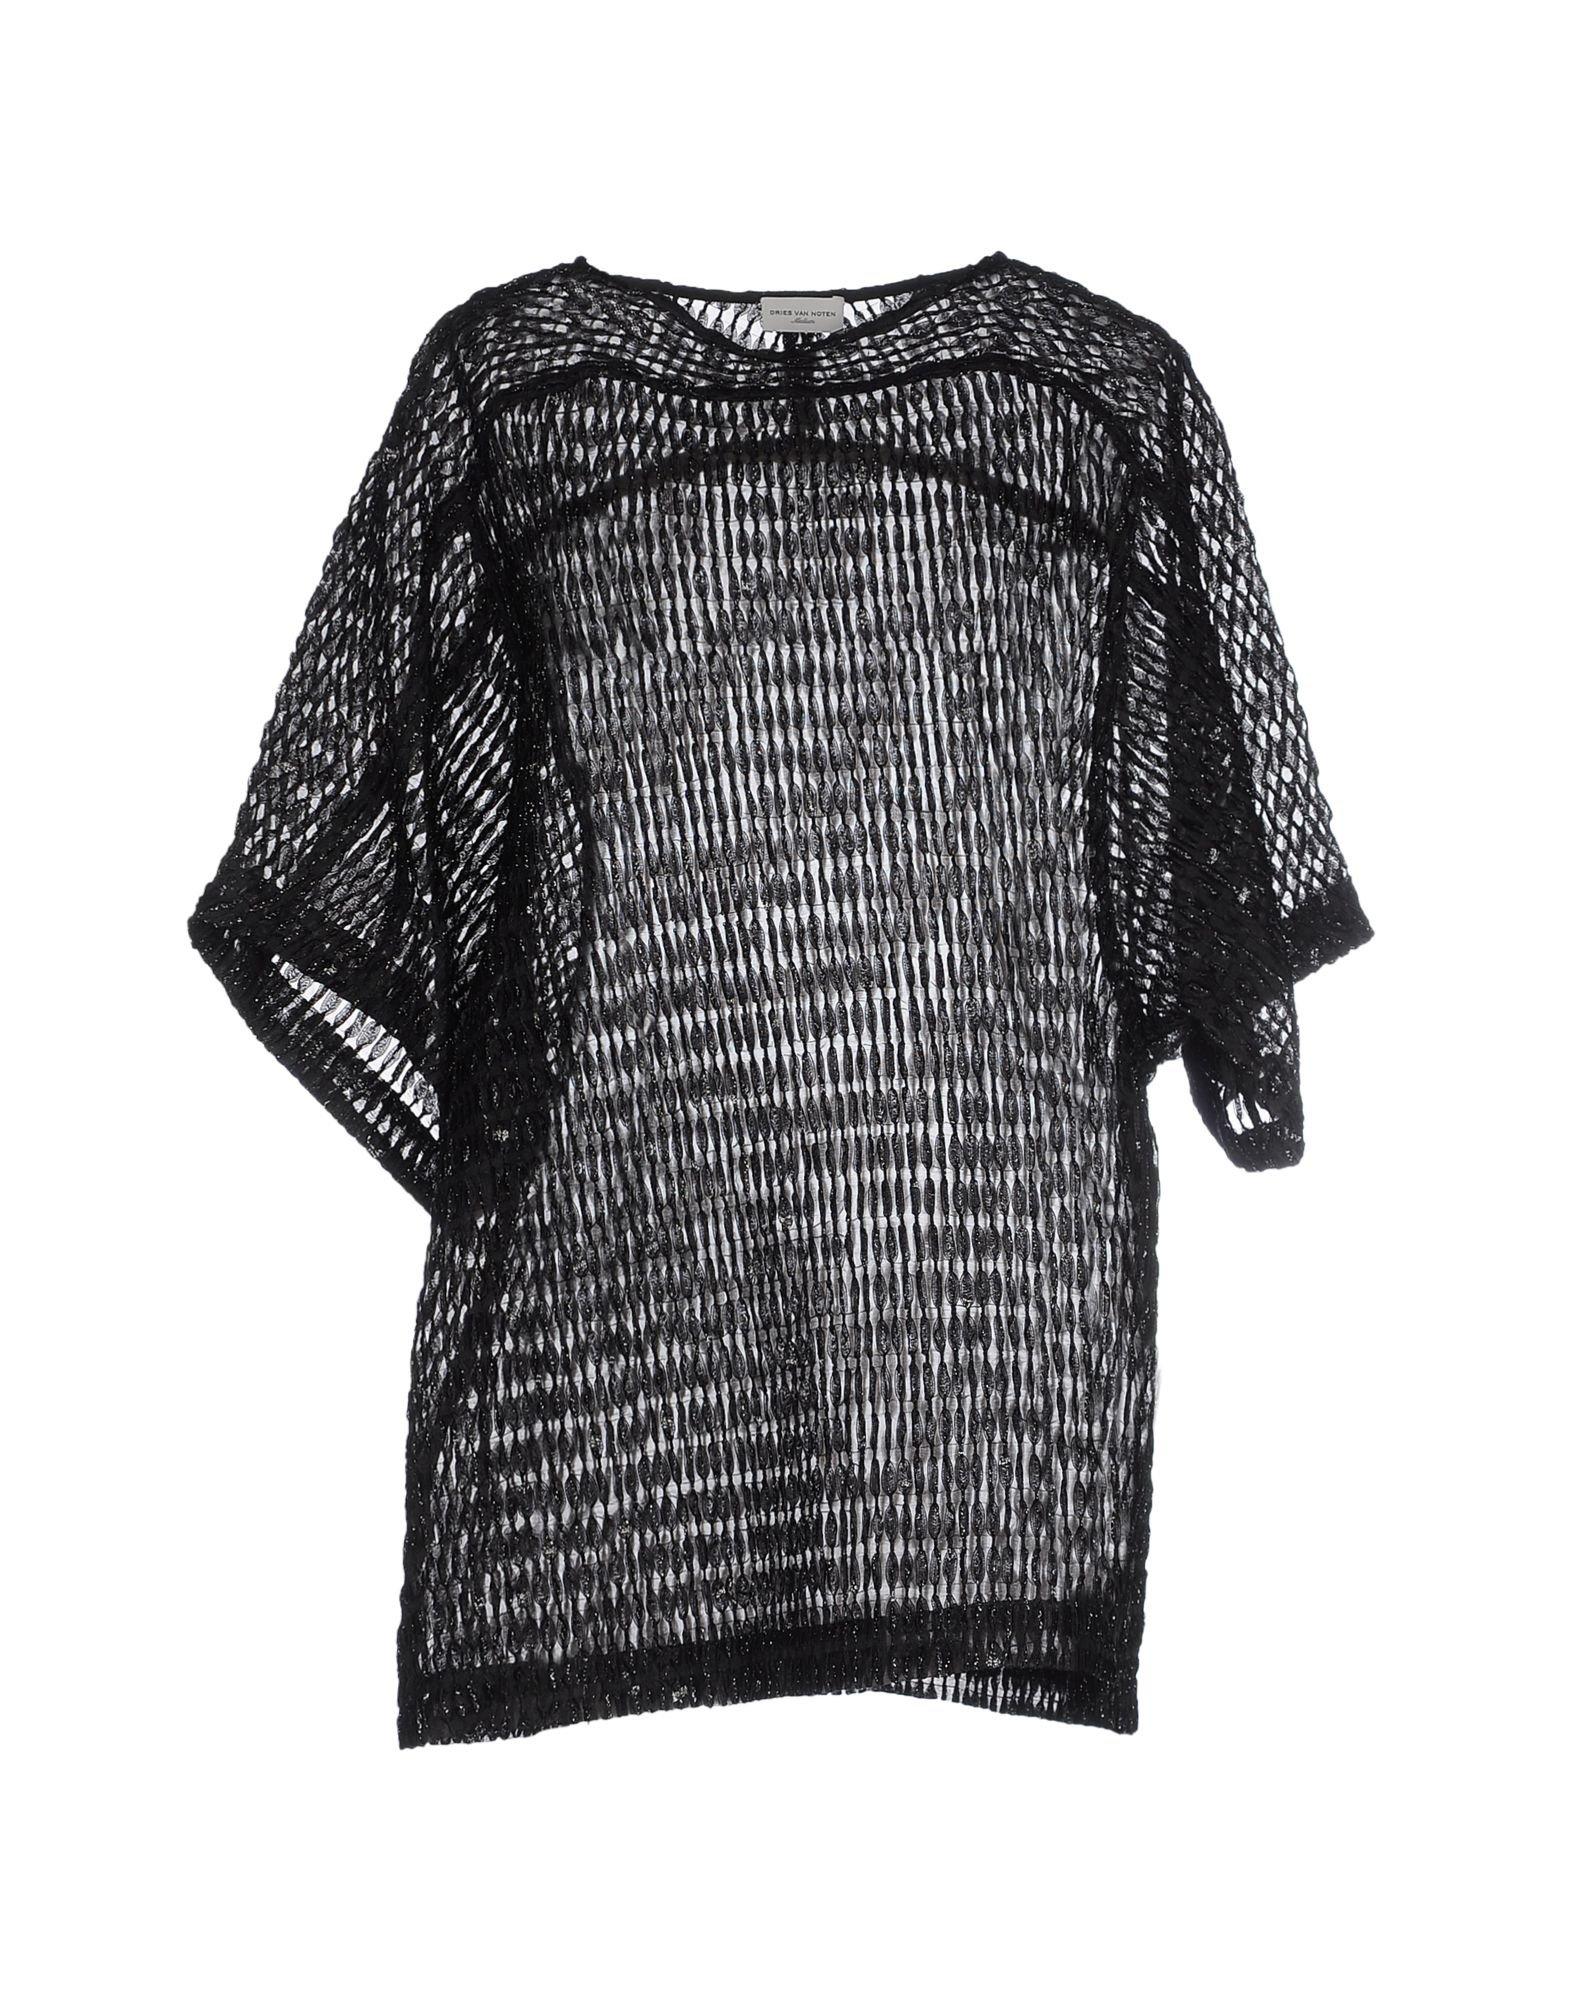 dries van noten plaid blouse women 39 s lace blouses. Black Bedroom Furniture Sets. Home Design Ideas